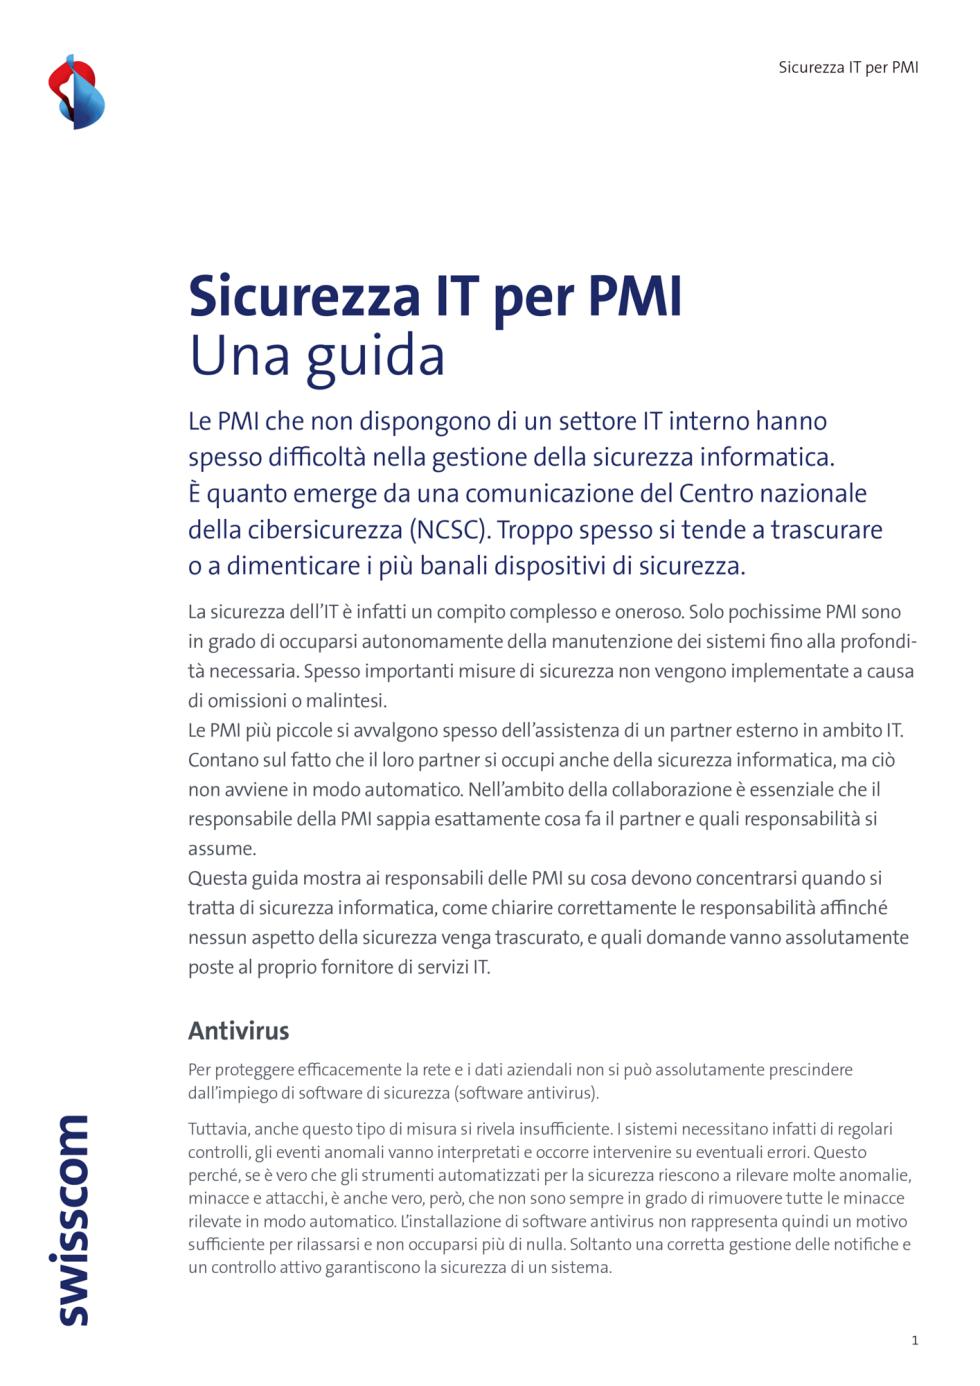 B2C-Swisscom-Guida-IT-Sicurezza-PMI-2020-ITA-v3.indd